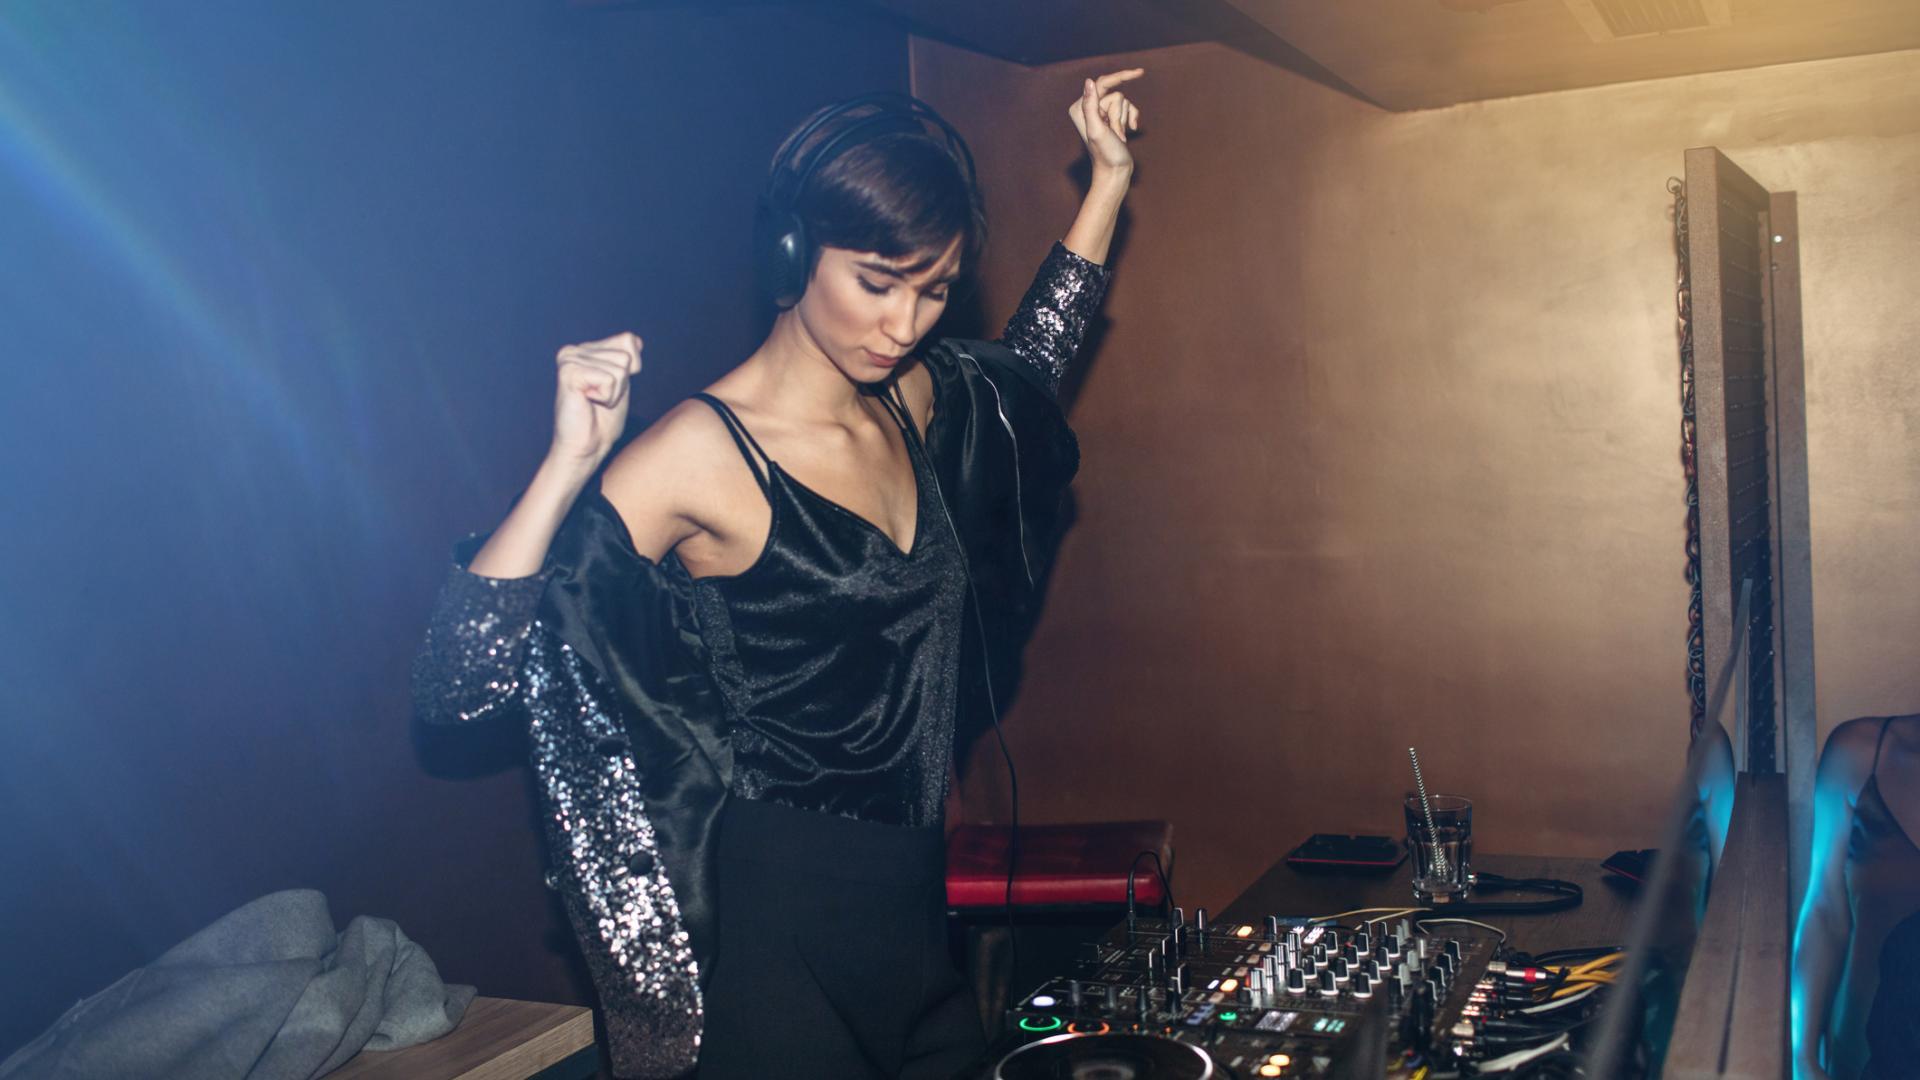 Club Party DJane Frau